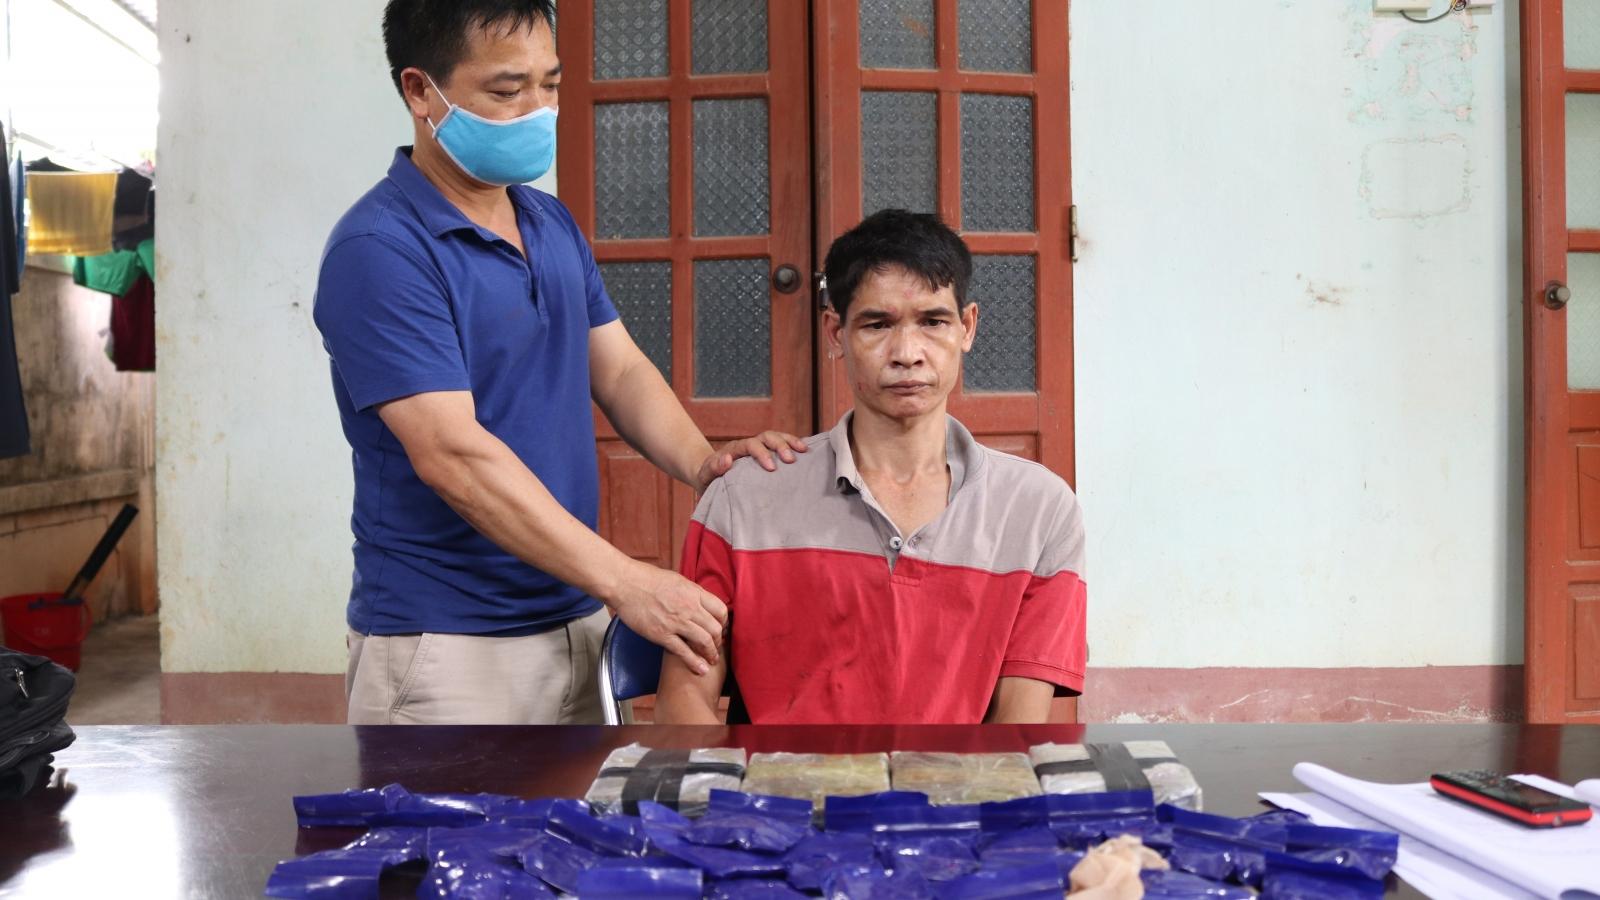 Công an Điện Biên bắt 1 đối tượng, thu 4 bánh heroin, 6.000 viên ma tuý tổng hợp